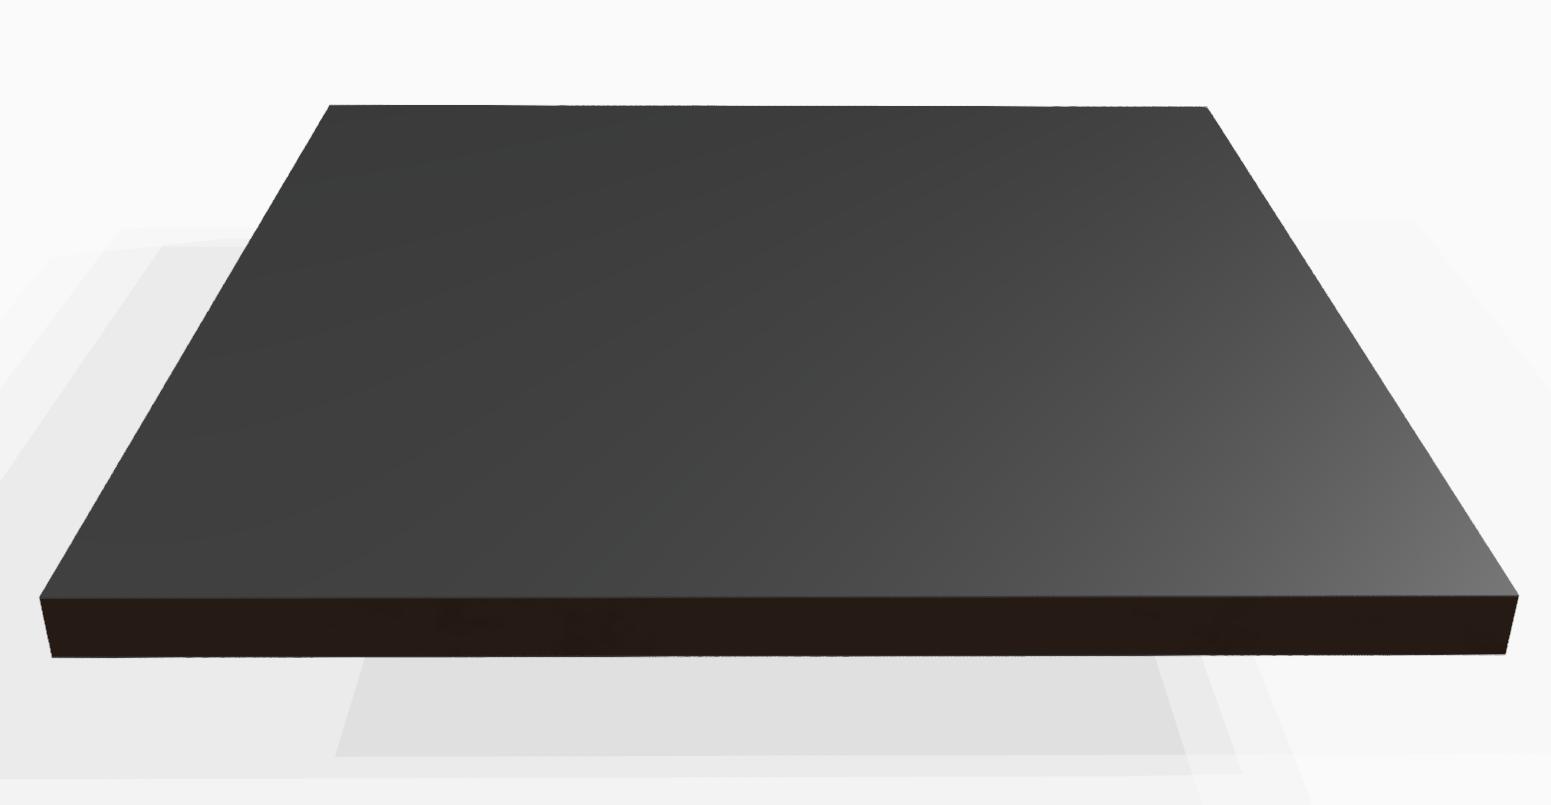 Vollkunststoff 10 mm ähnlich RAL 9017, schwarz